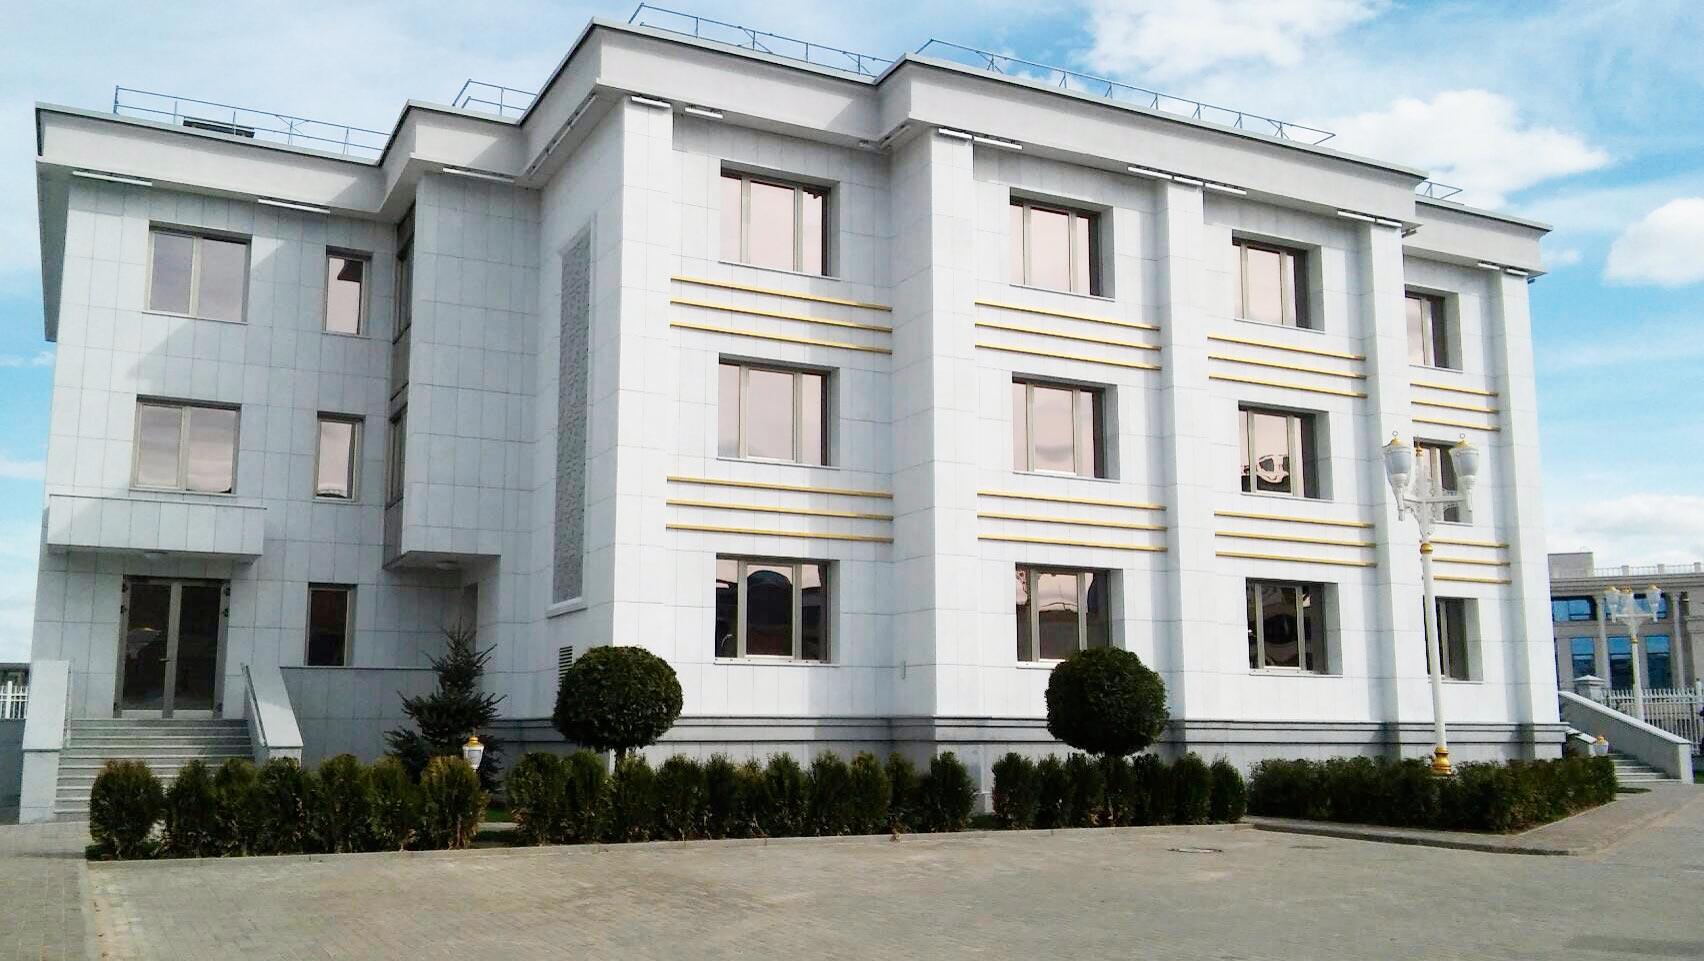 Turkmenistan Embassy in Minsk Belarus 1